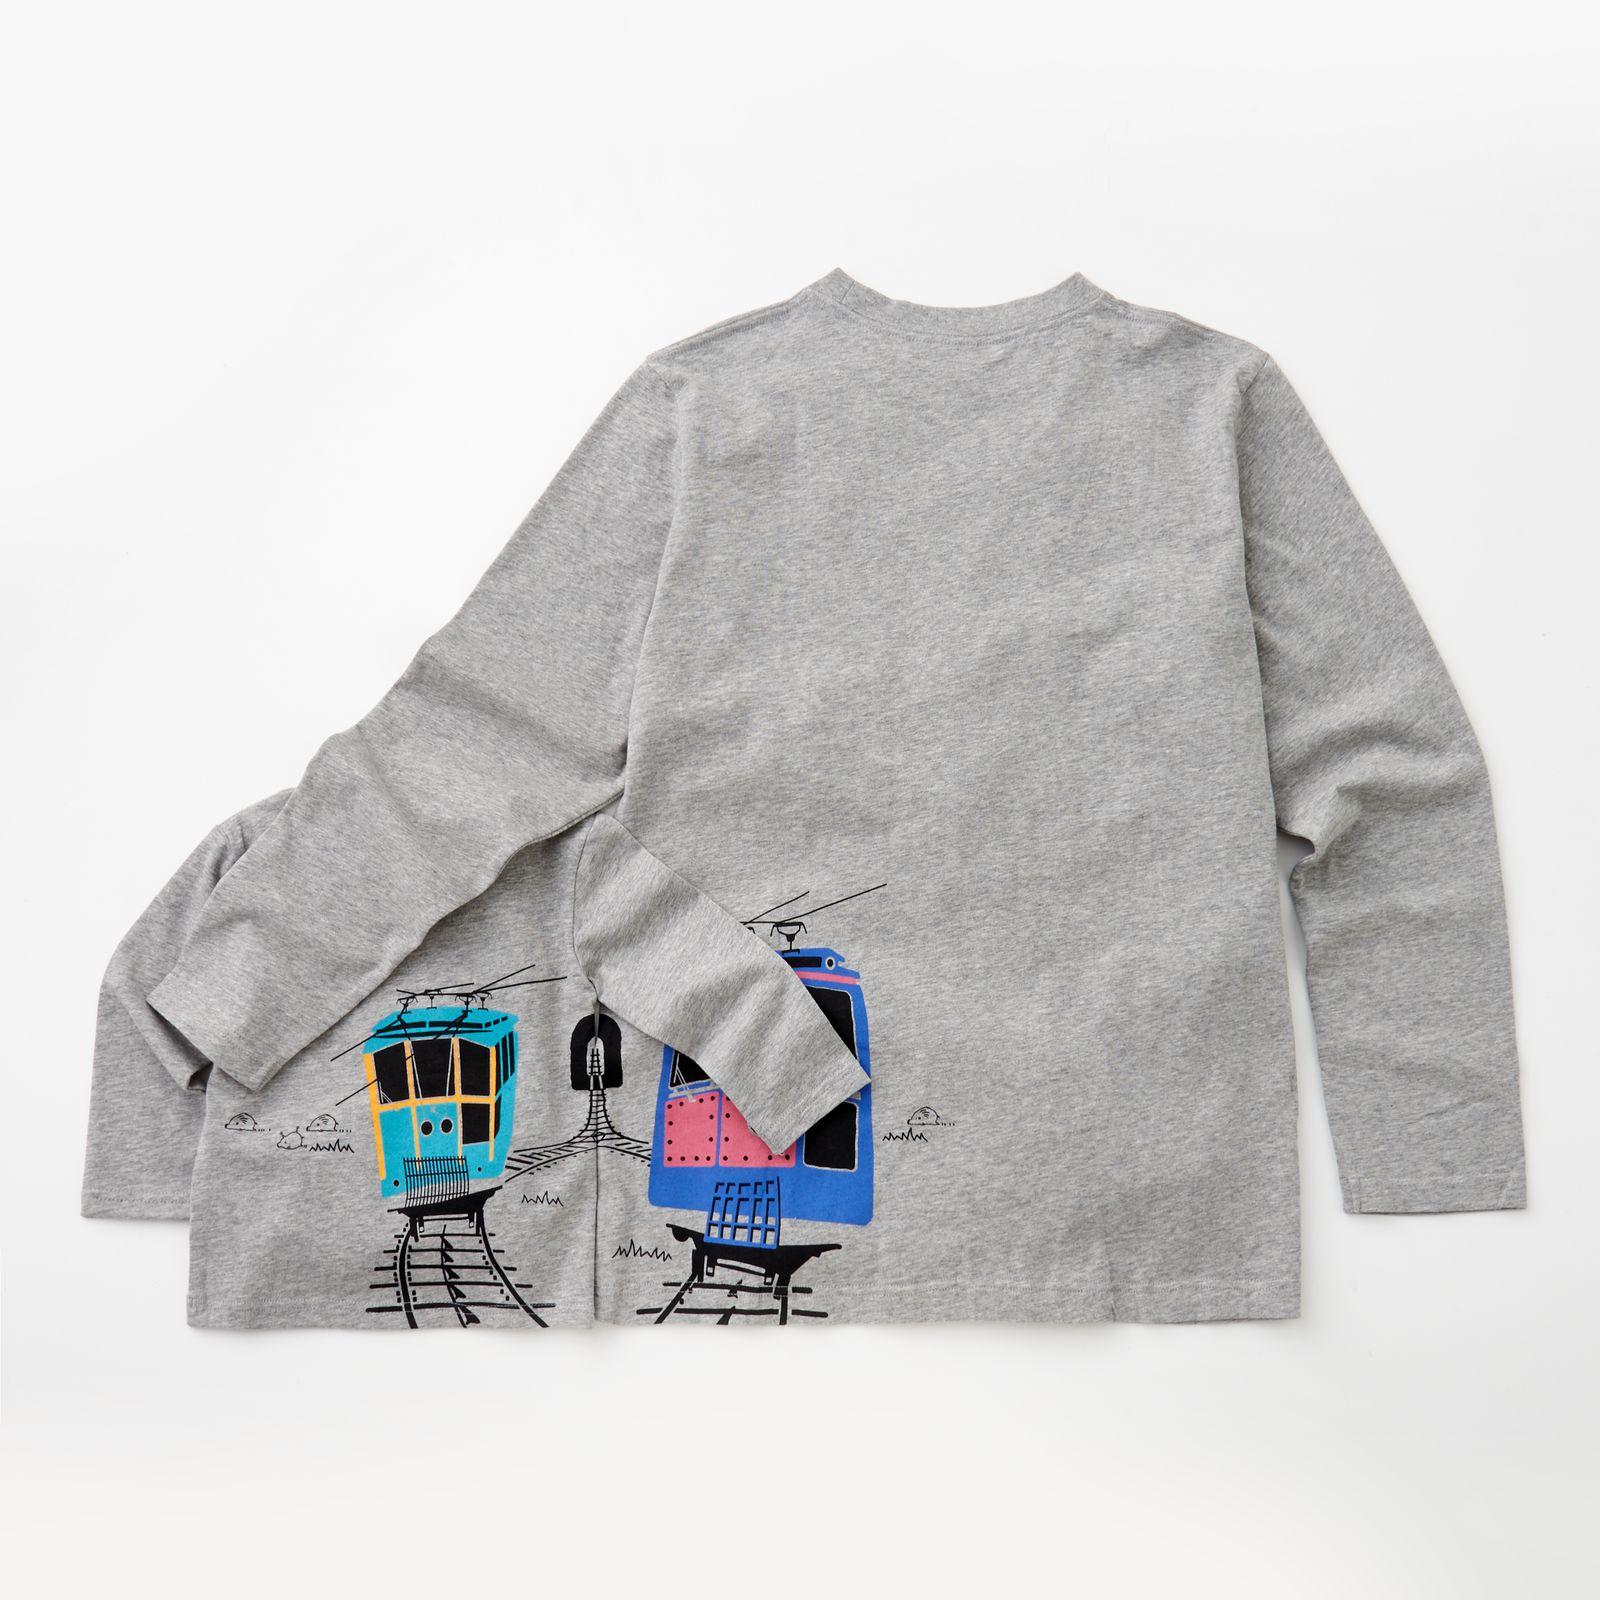 ウミキリンのつながる長袖Tシャツ 杢グレー(六甲ケーブルカー)